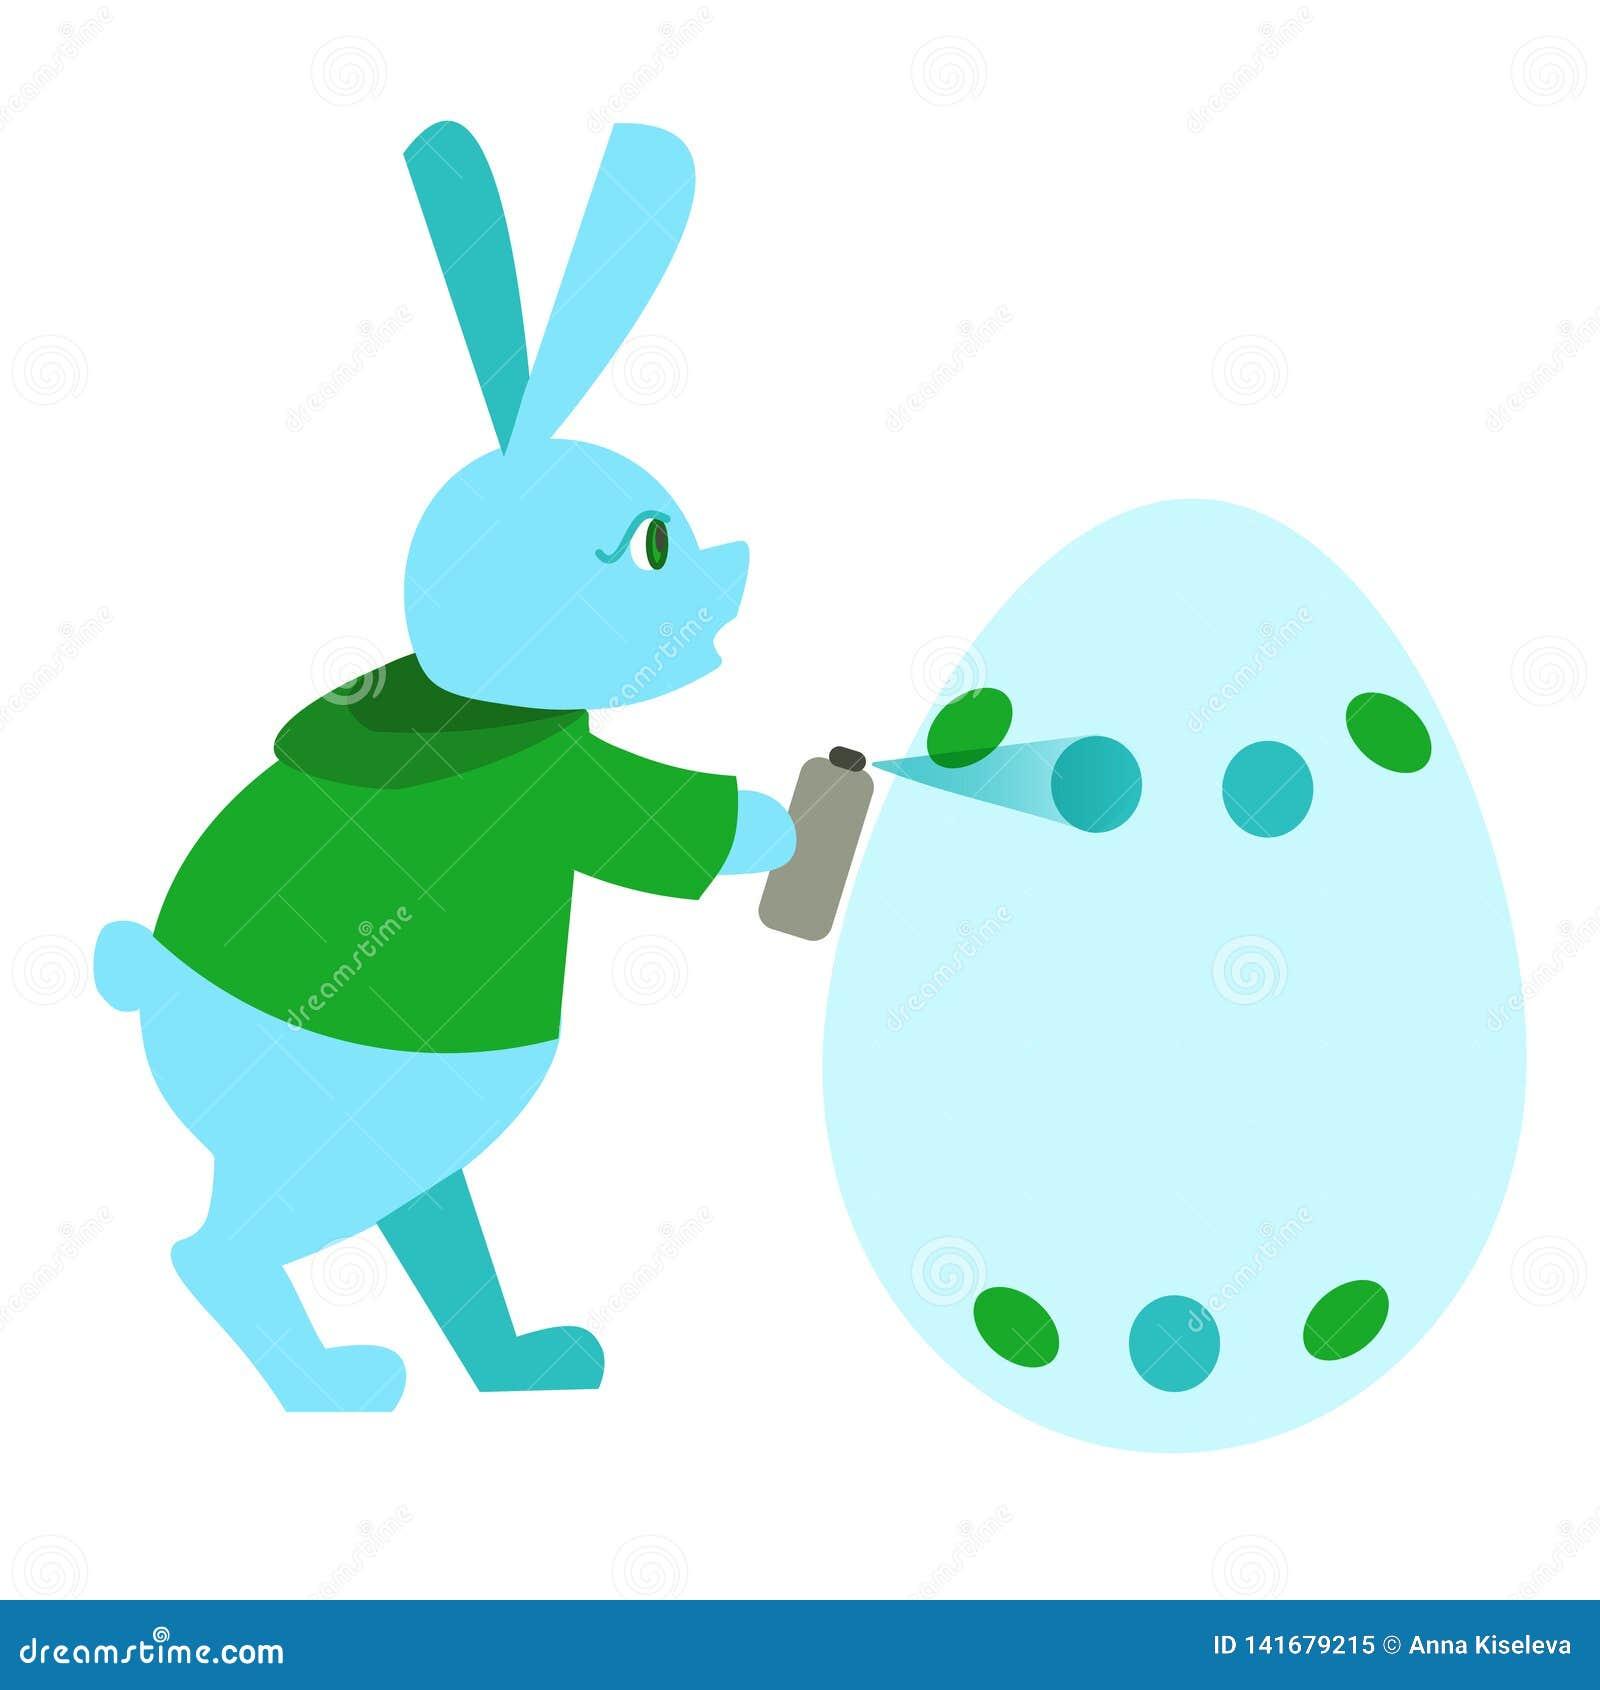 Graffiti de peinture de lapin de Pâques de couleur pour la carte de voeux, annonce, promotion, affiche, insecte, blog, article